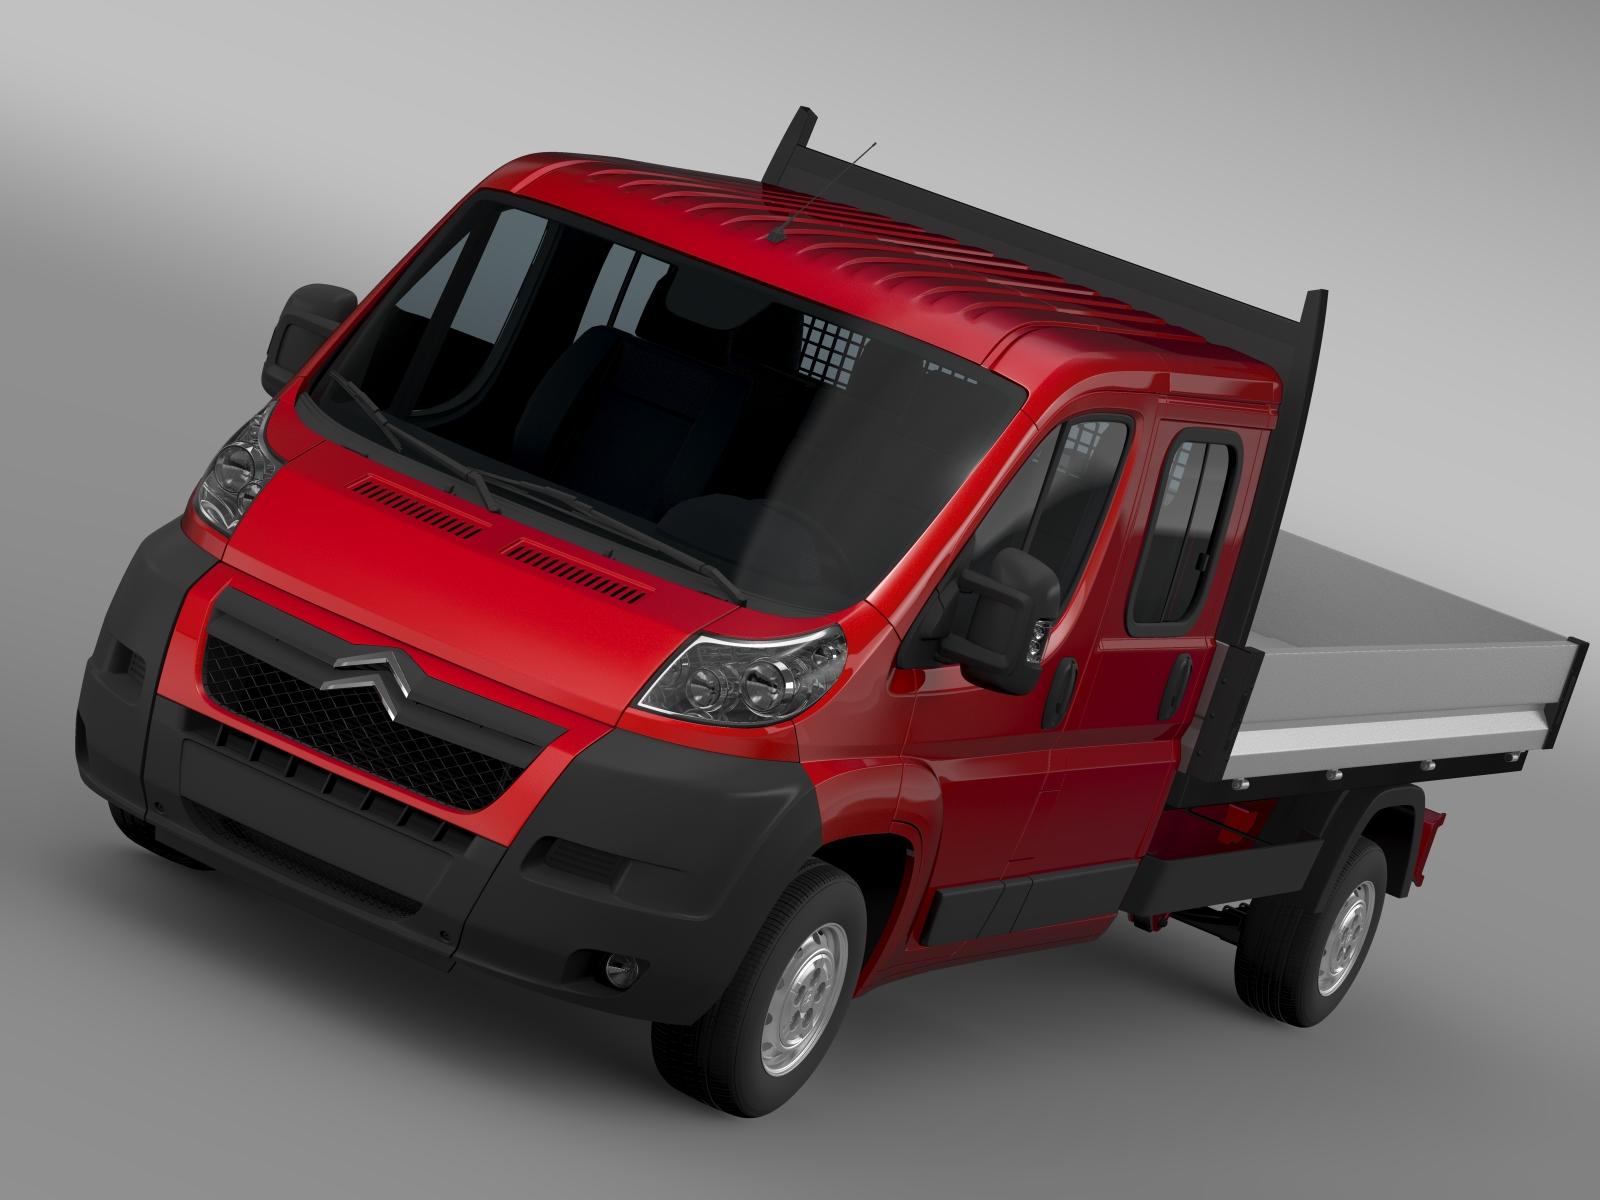 citroen jumper crew cab truck 2009-2014 3d model 3ds maks fbx c4d lwo ma mb hrc xsi obj 218642